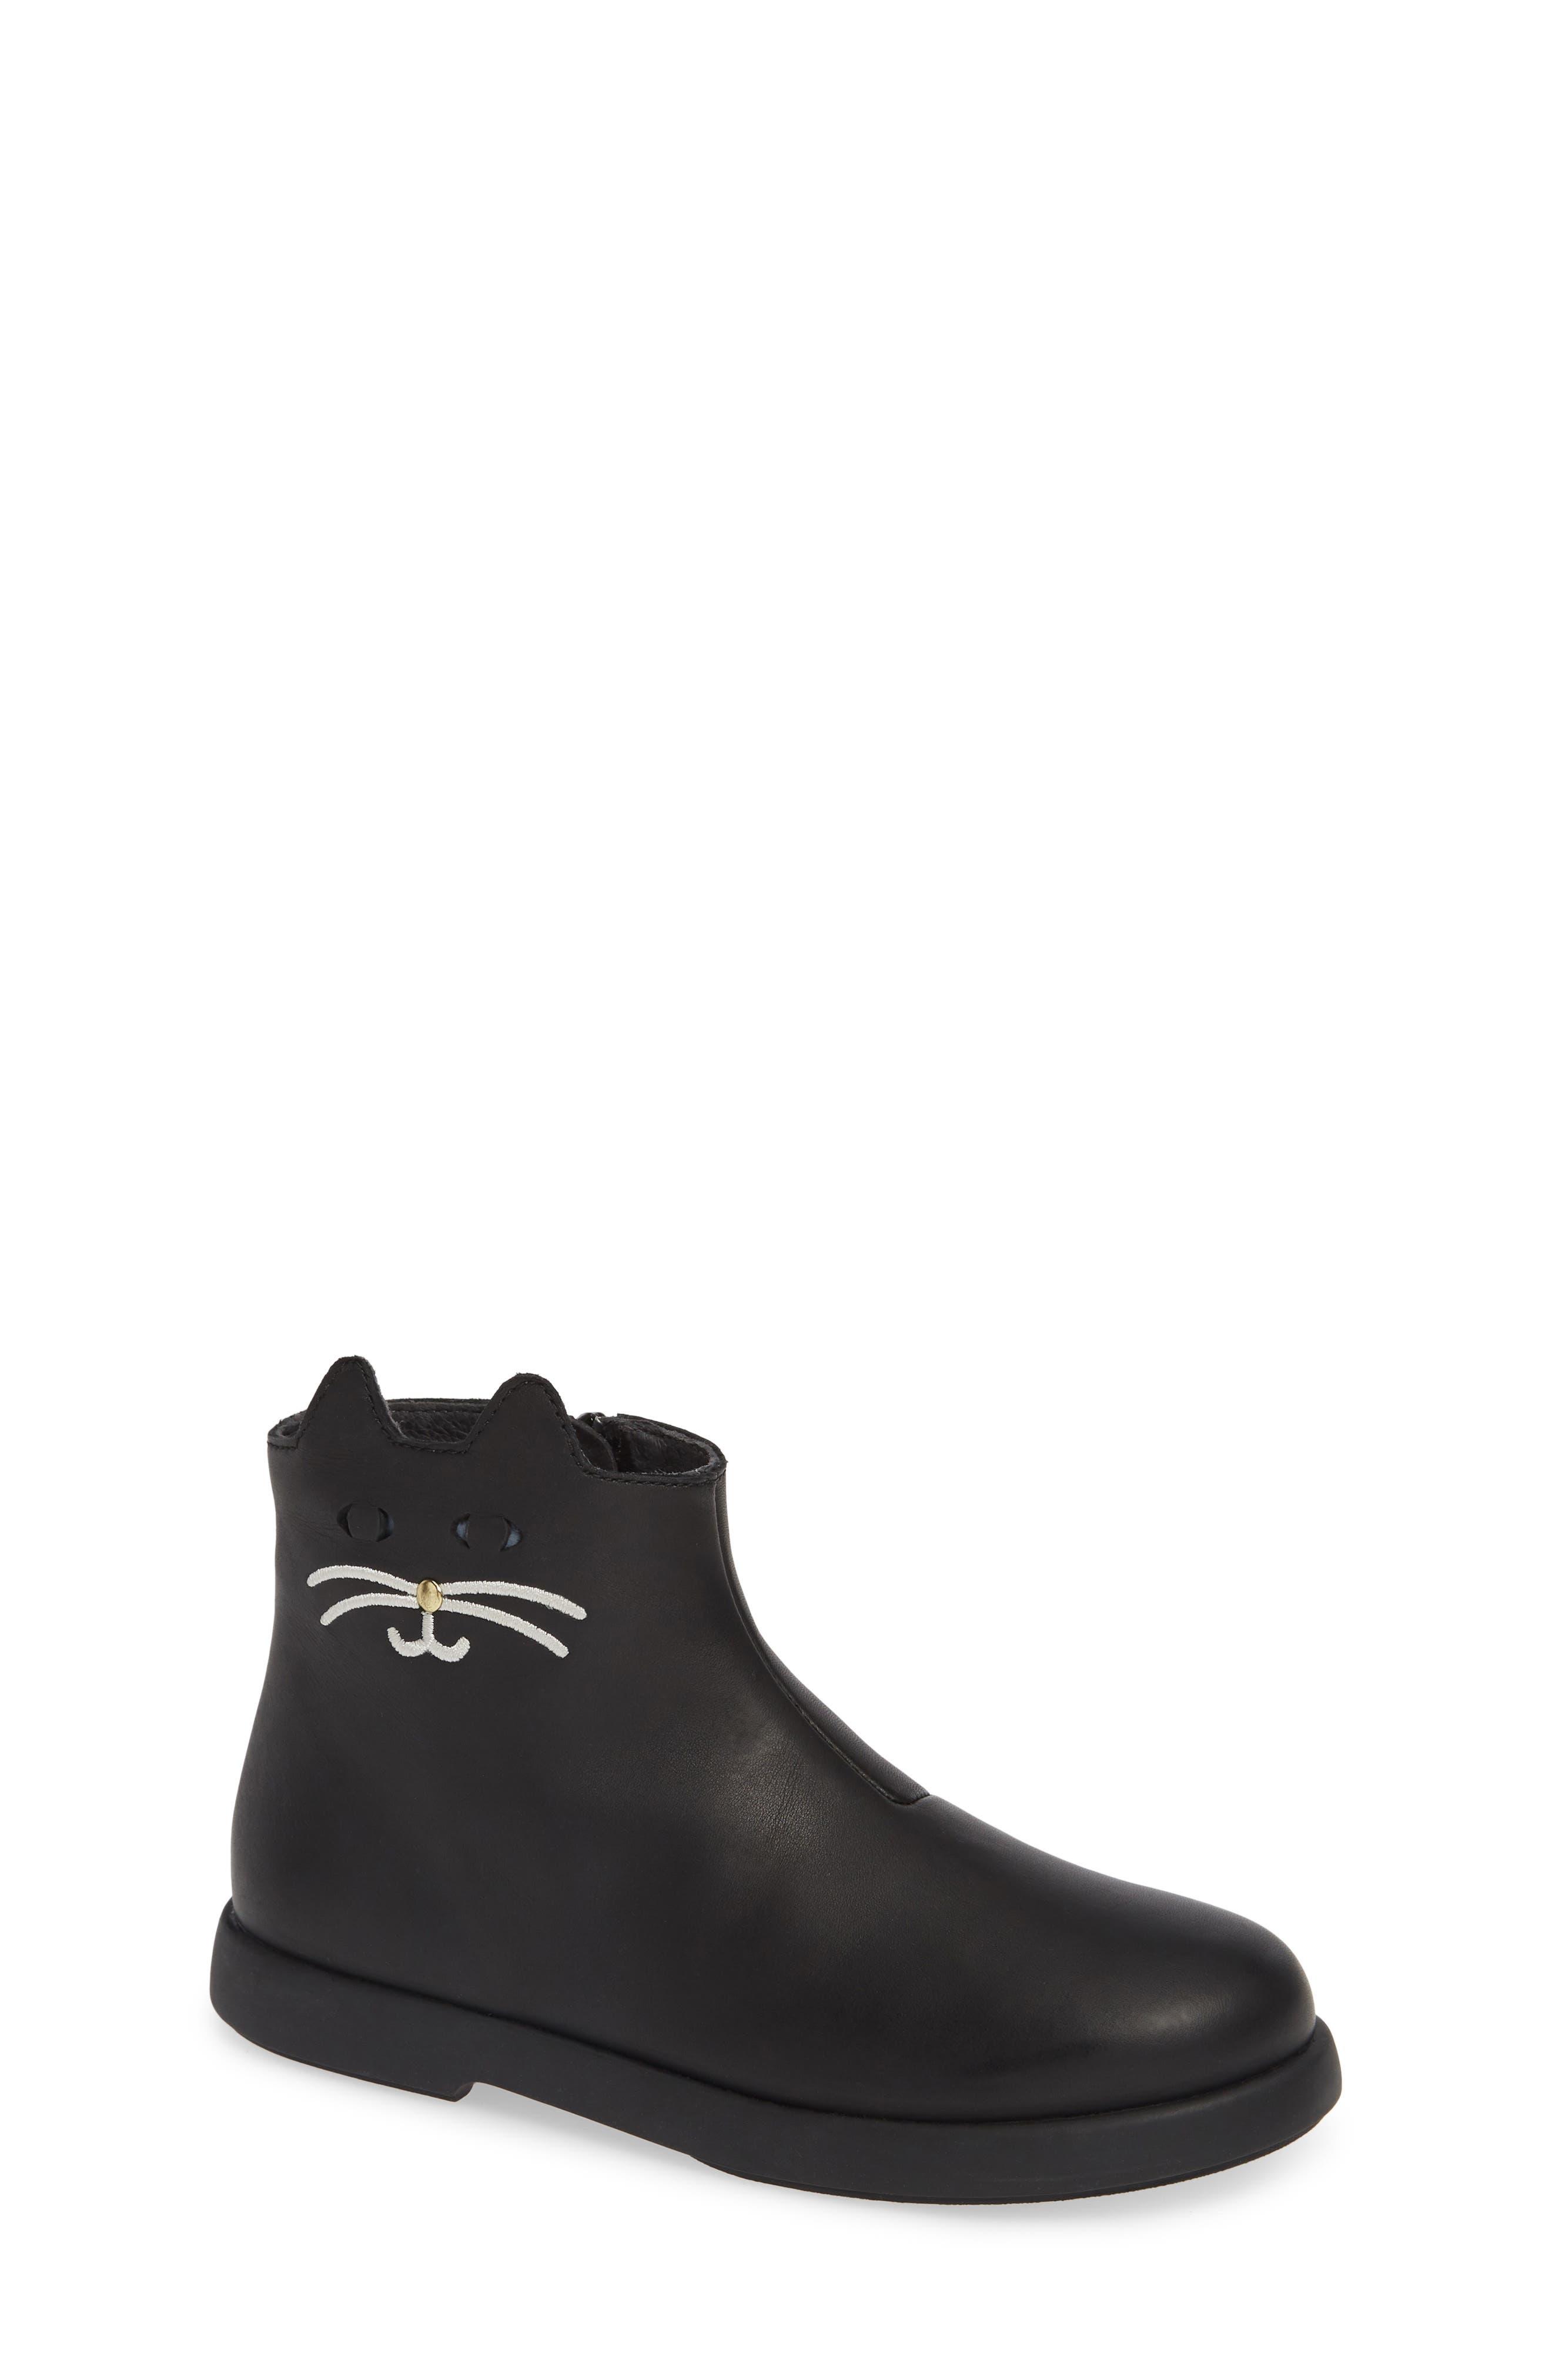 Duet Boot,                         Main,                         color, BLACK